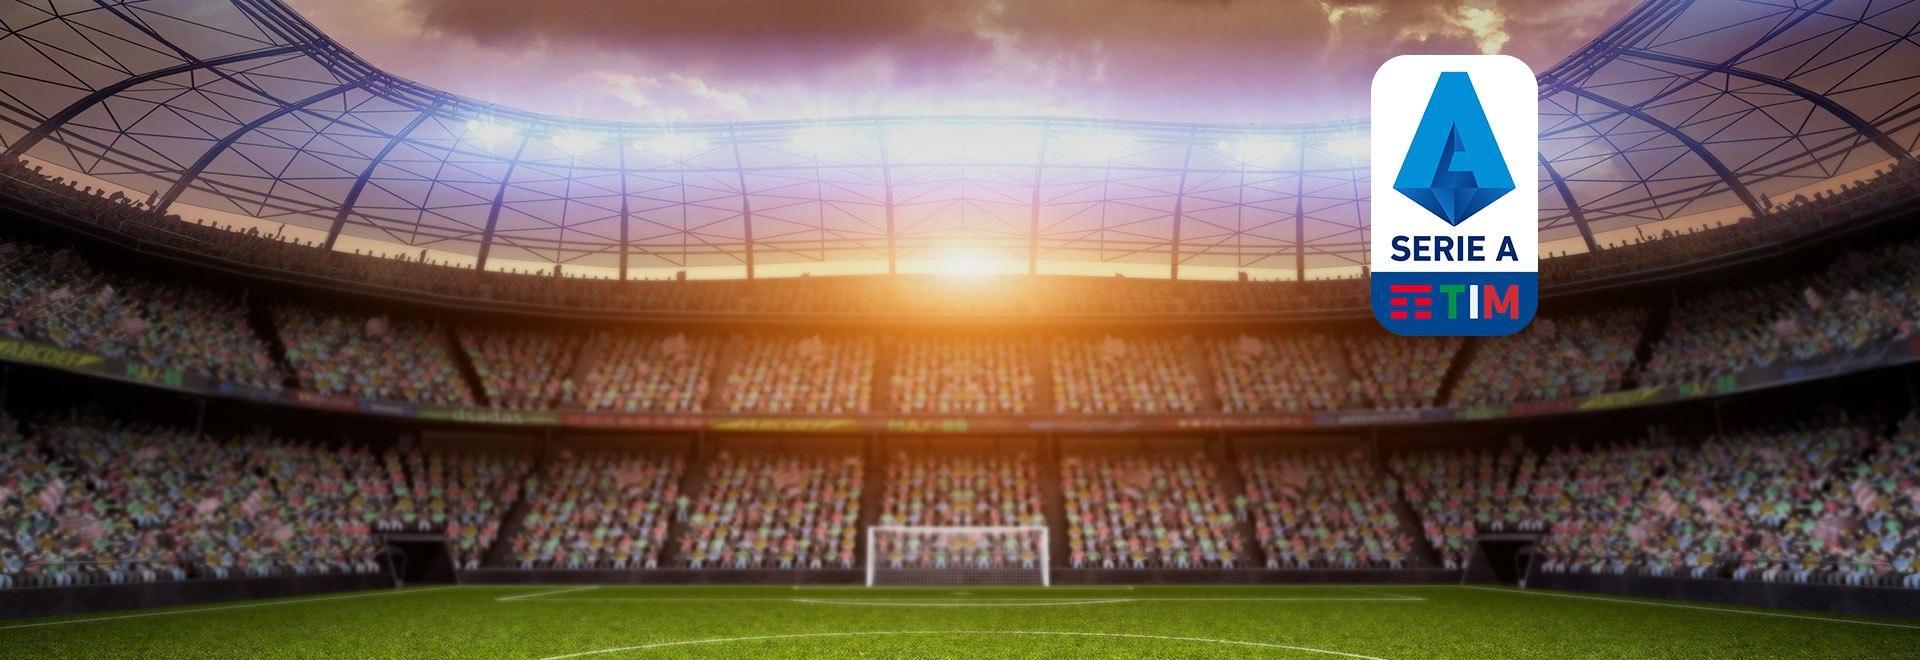 Sassuolo - Udinese